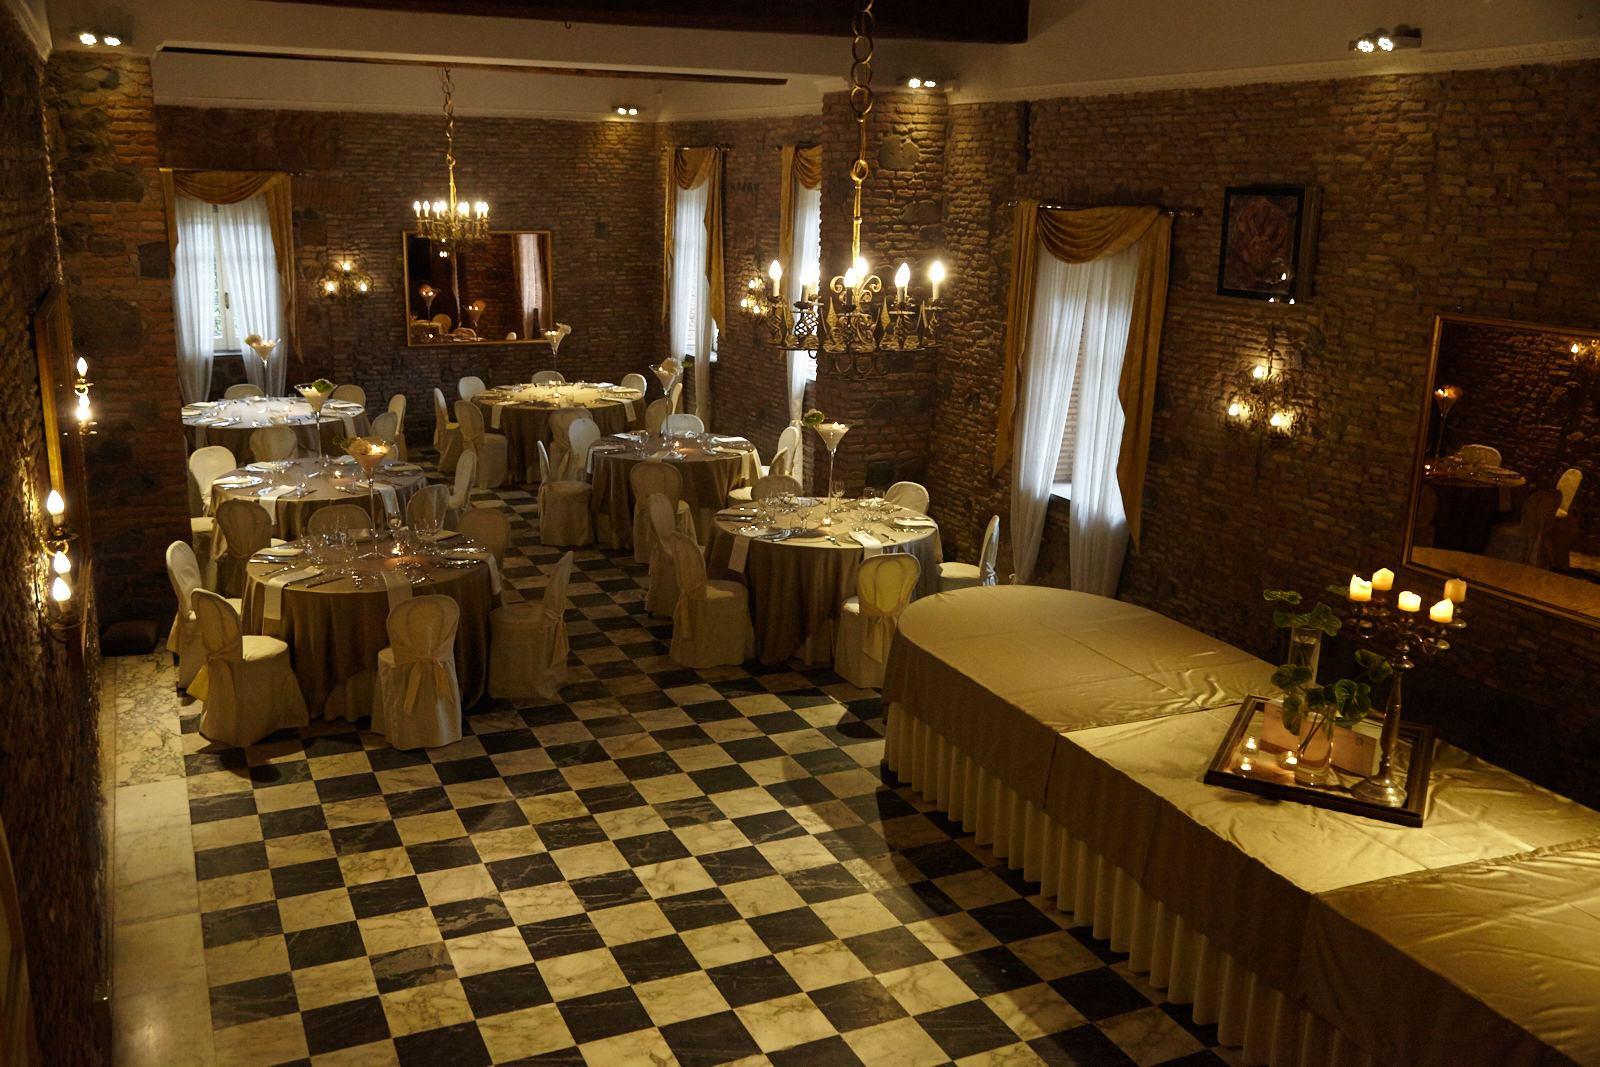 Sala Scacchi (Chess hall)